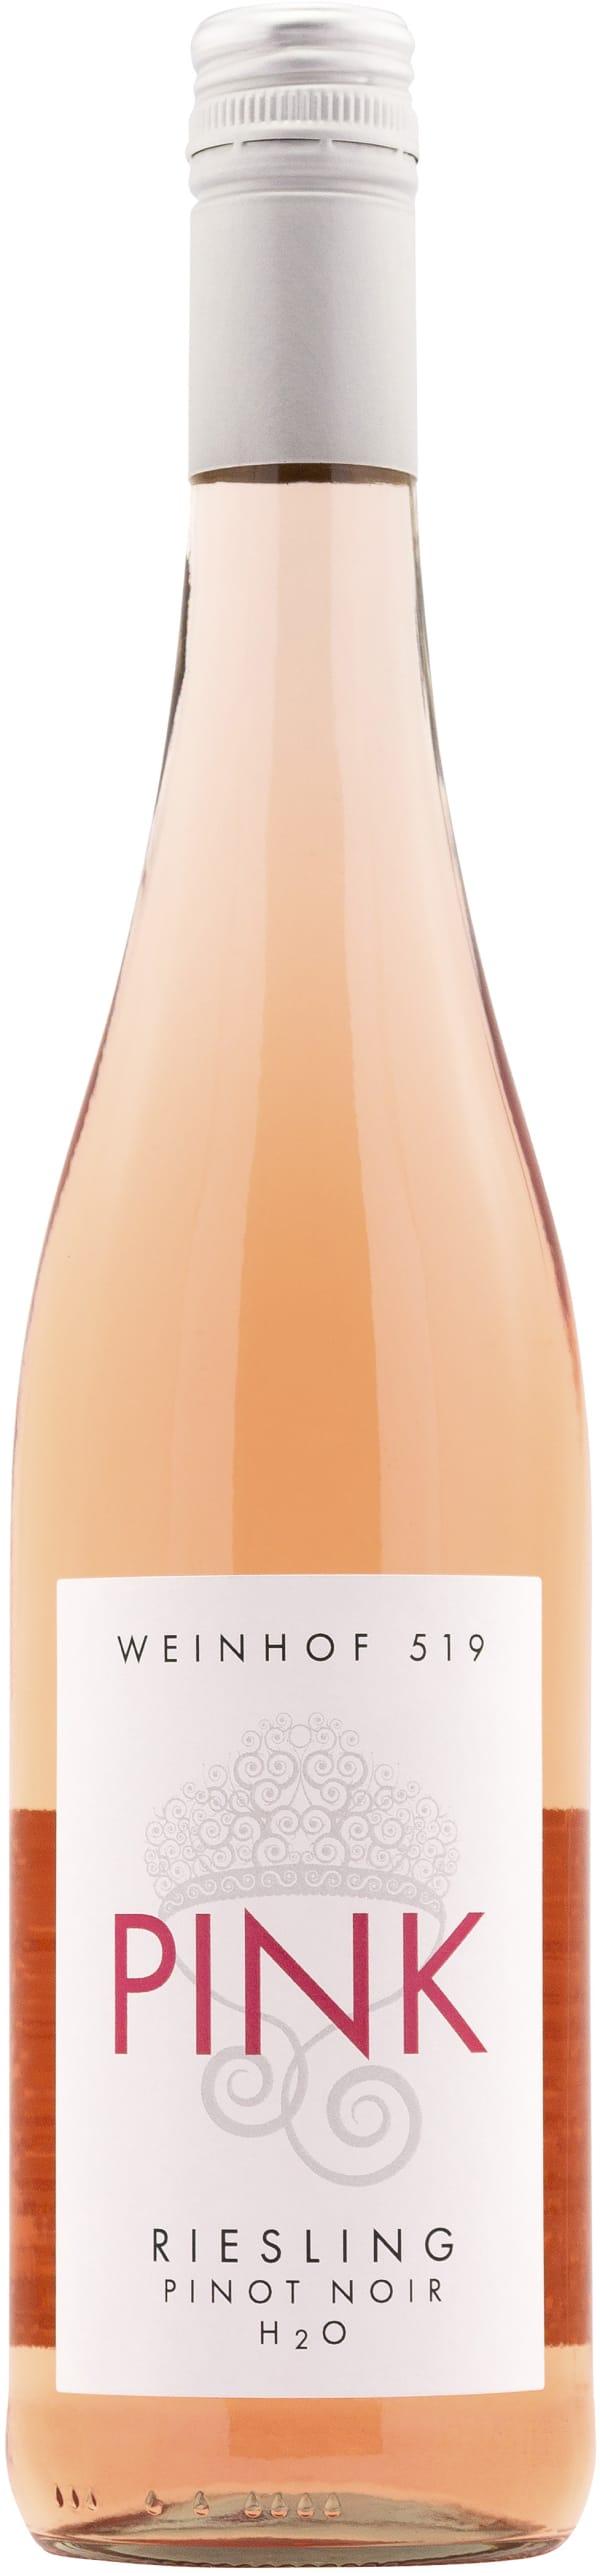 Wein Hof 519 Pink Riesling